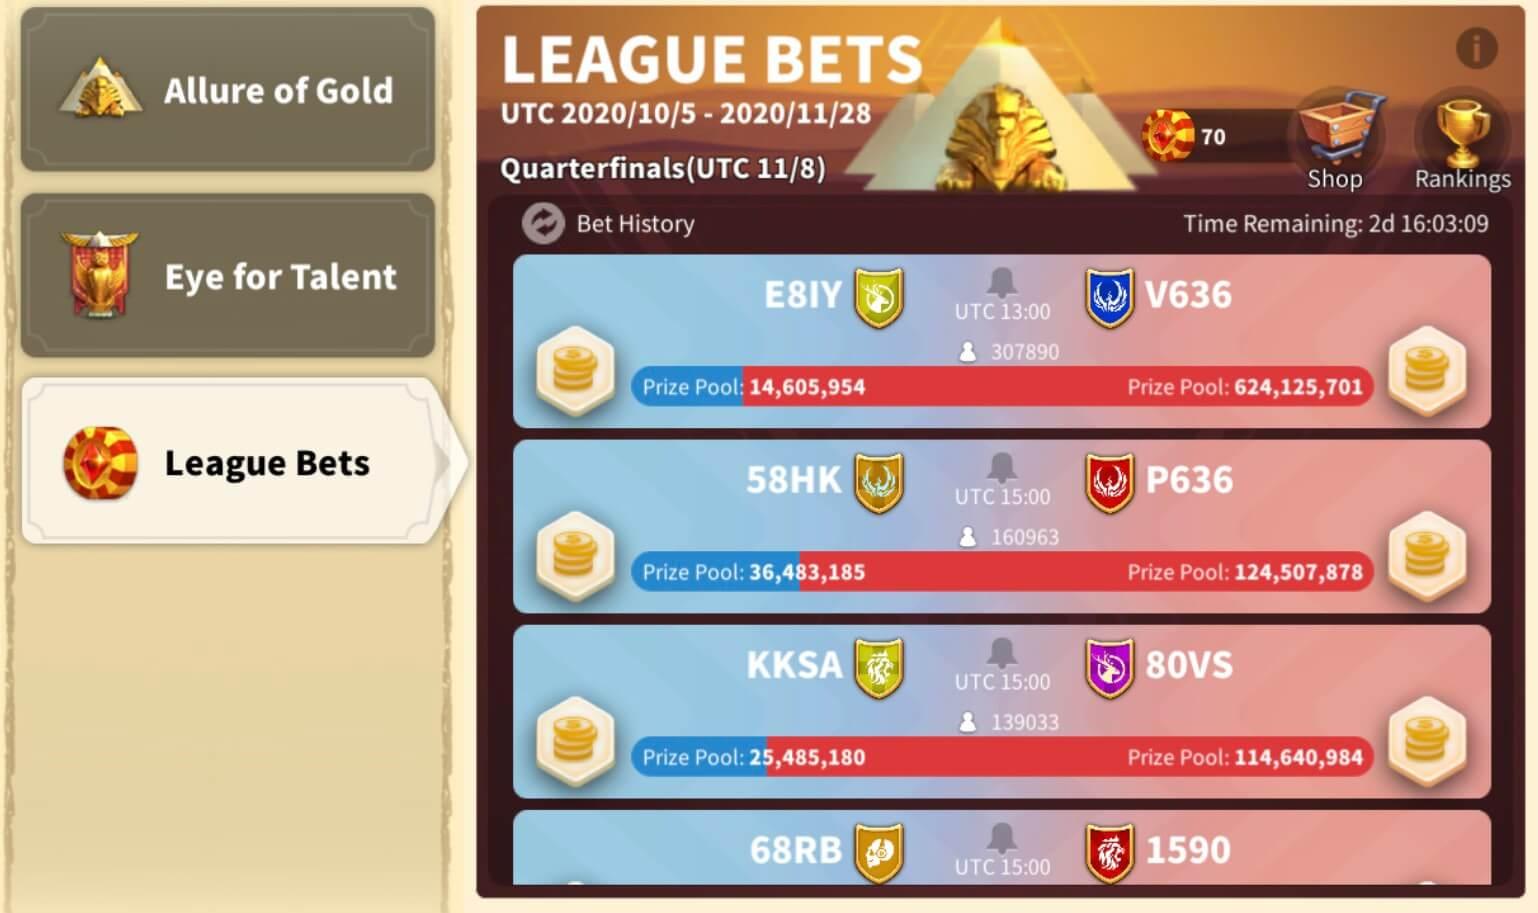 league bets